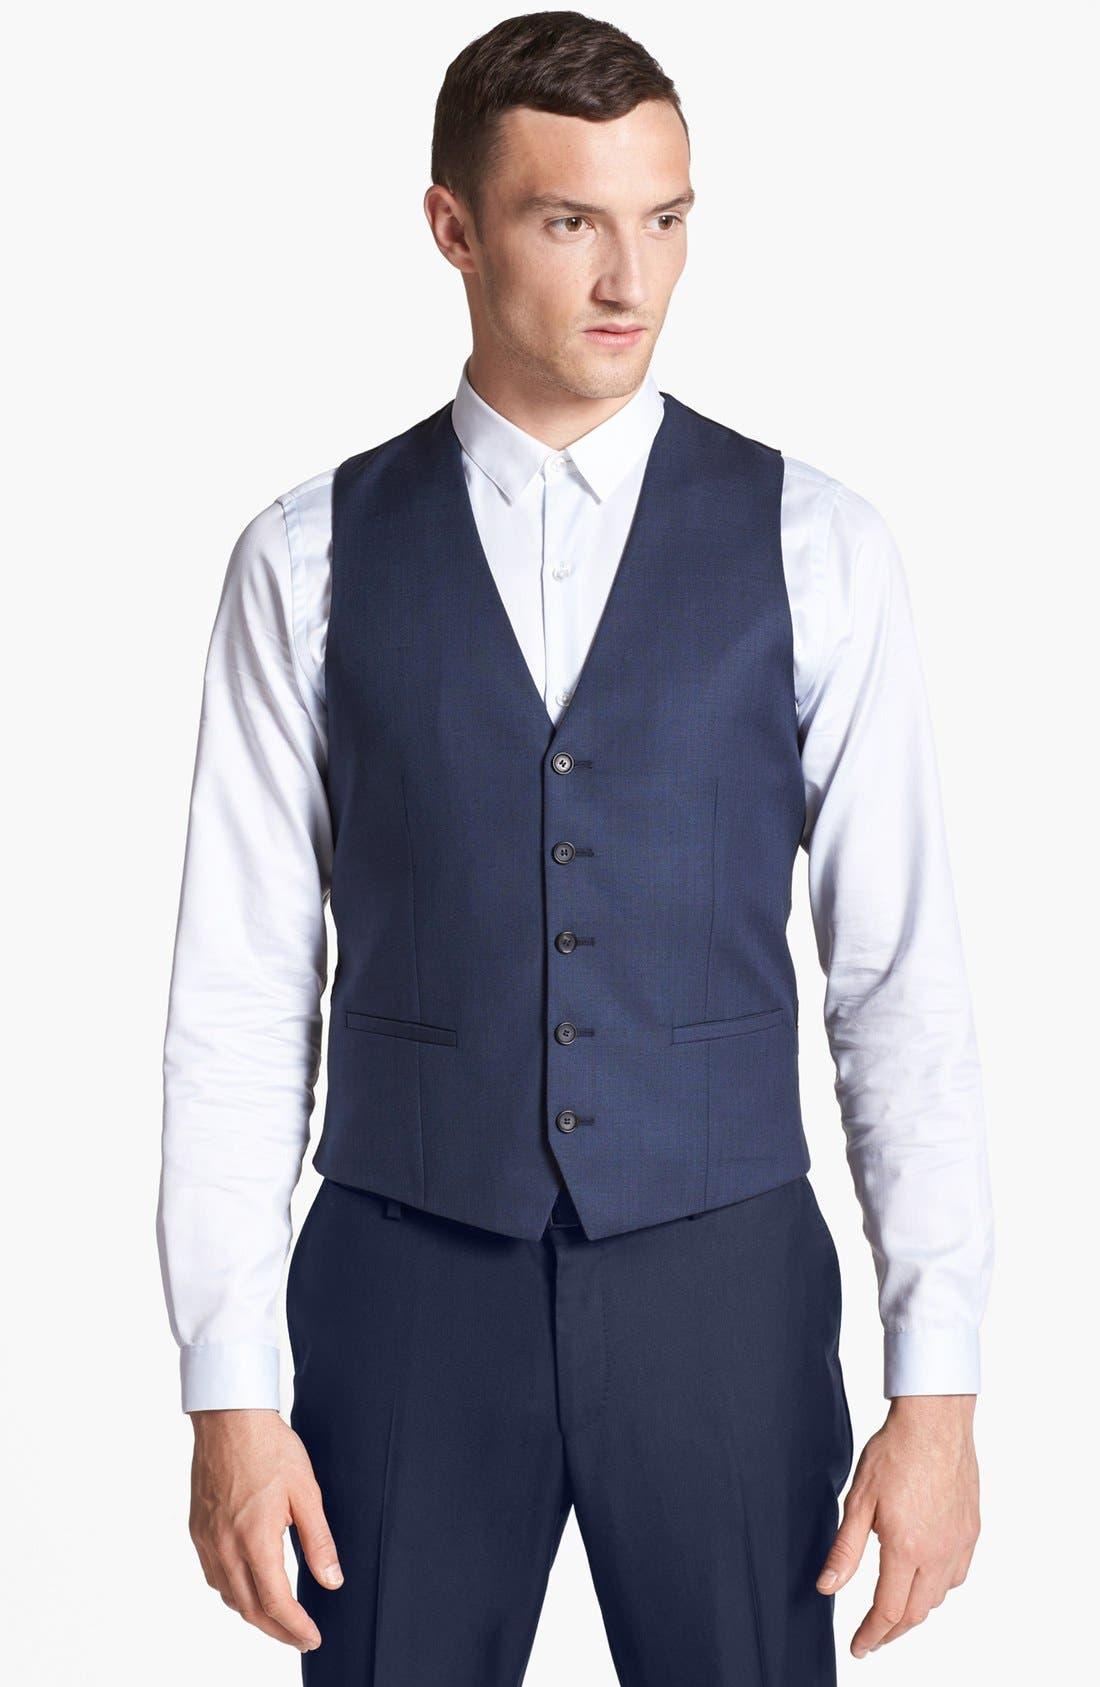 Alternate Image 1 Selected - The Kooples Navy Wool Vest